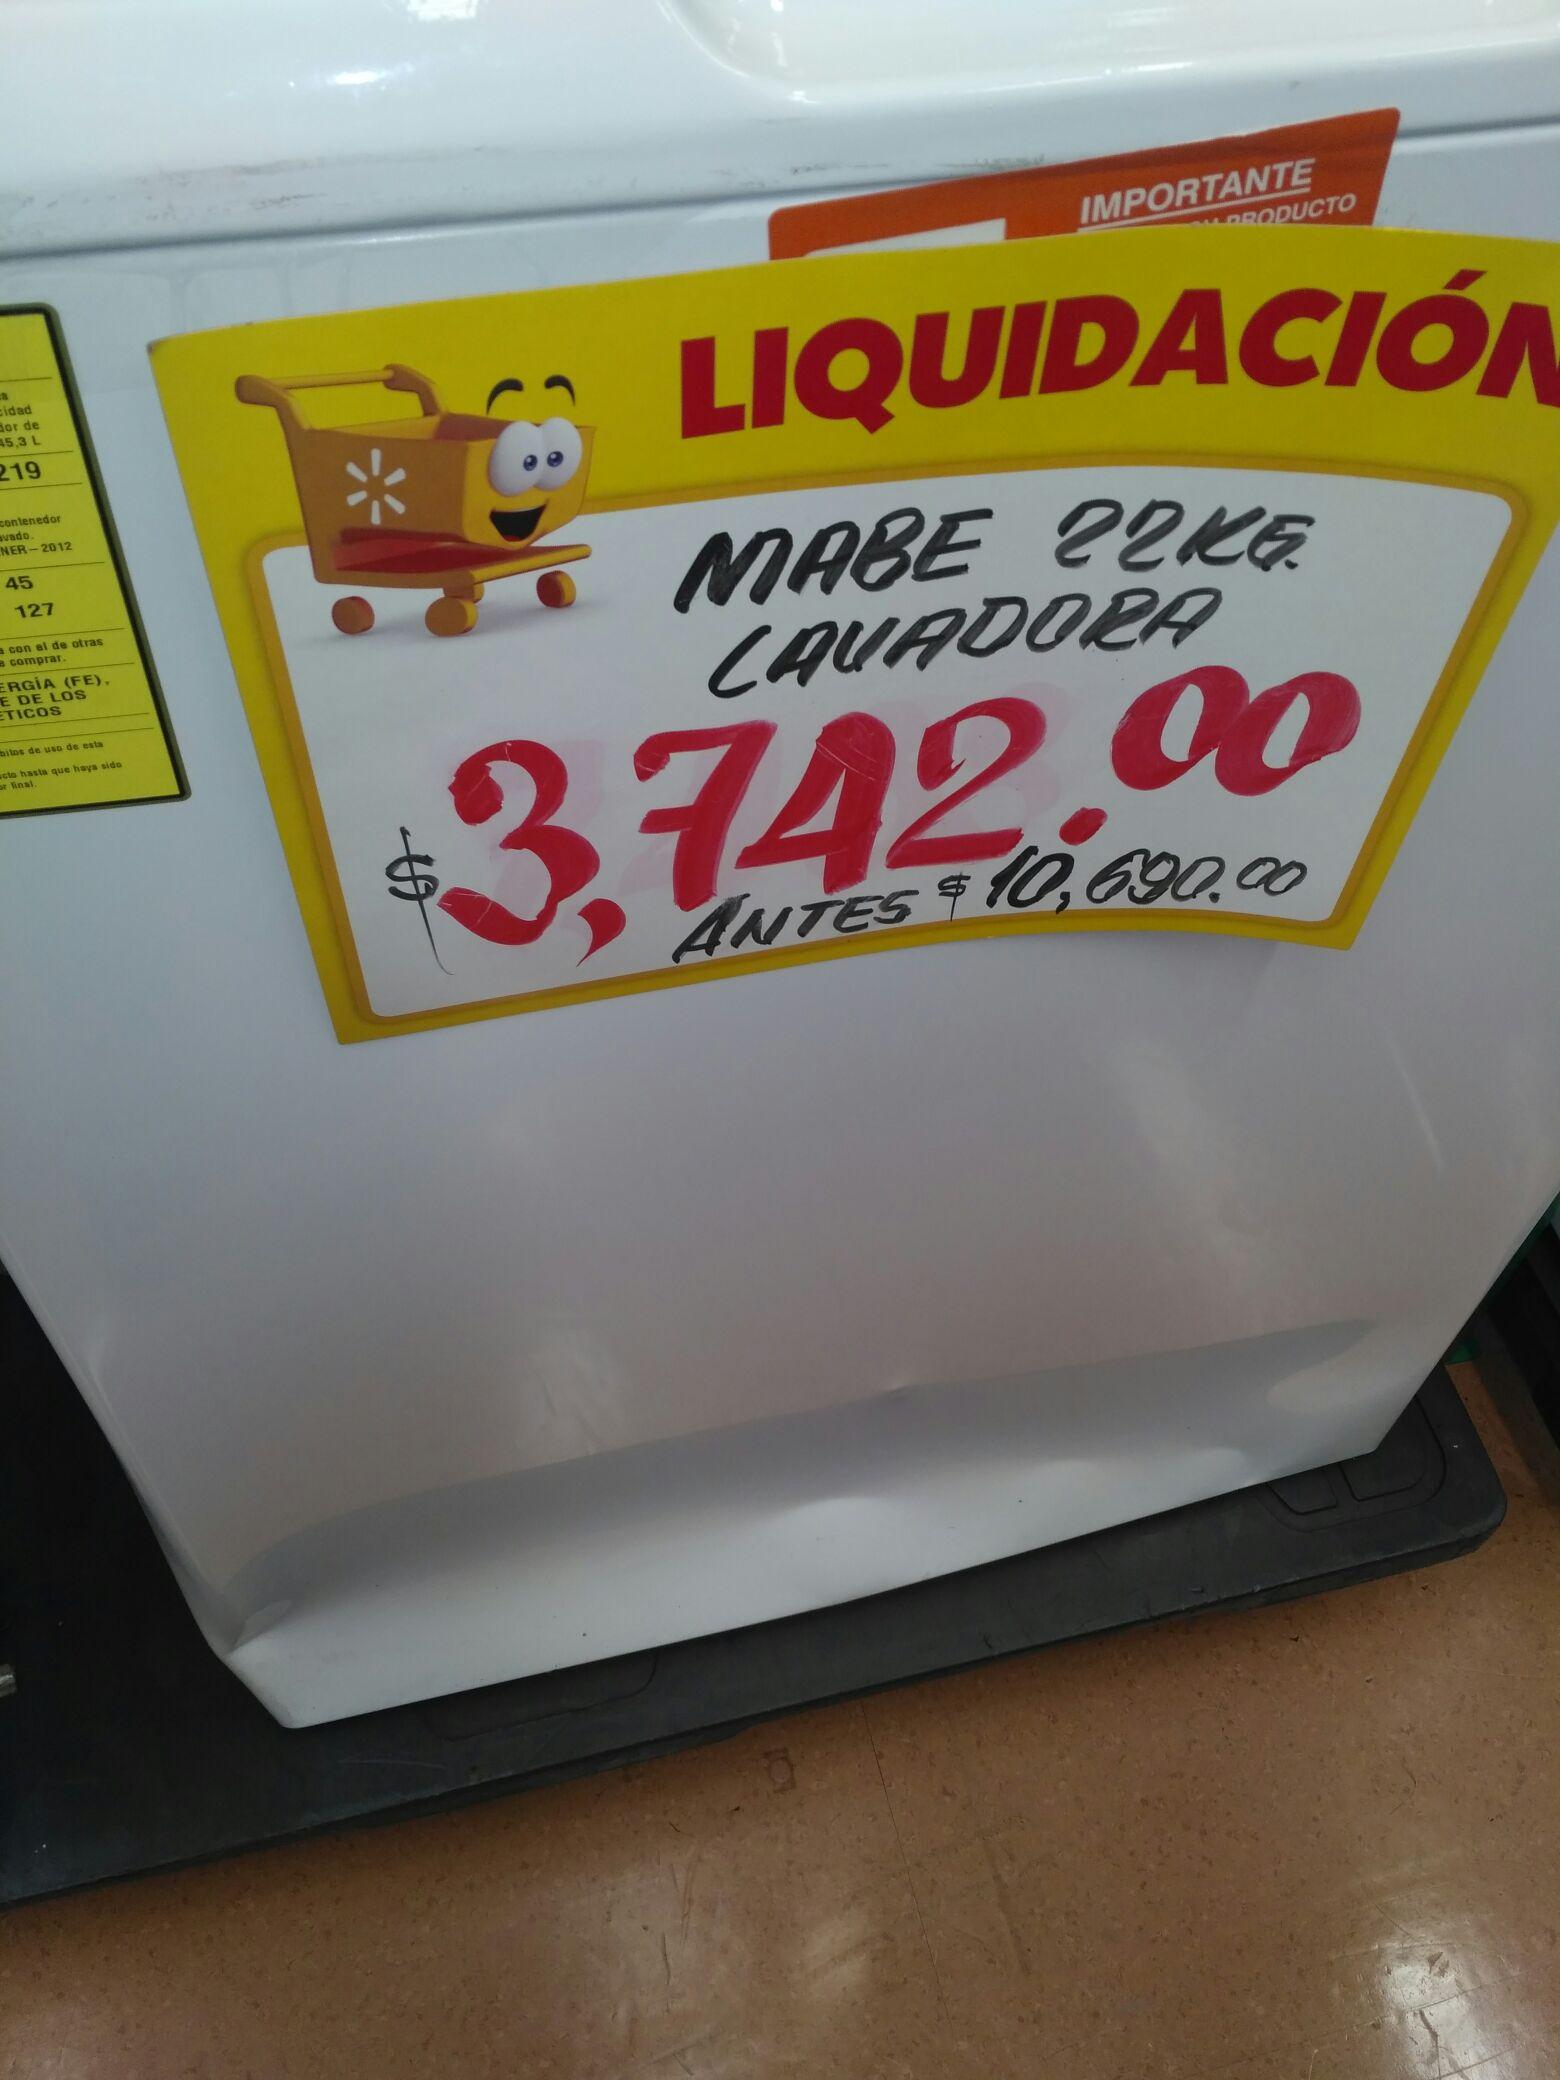 Walmart: Lavadora Mabe en 3742